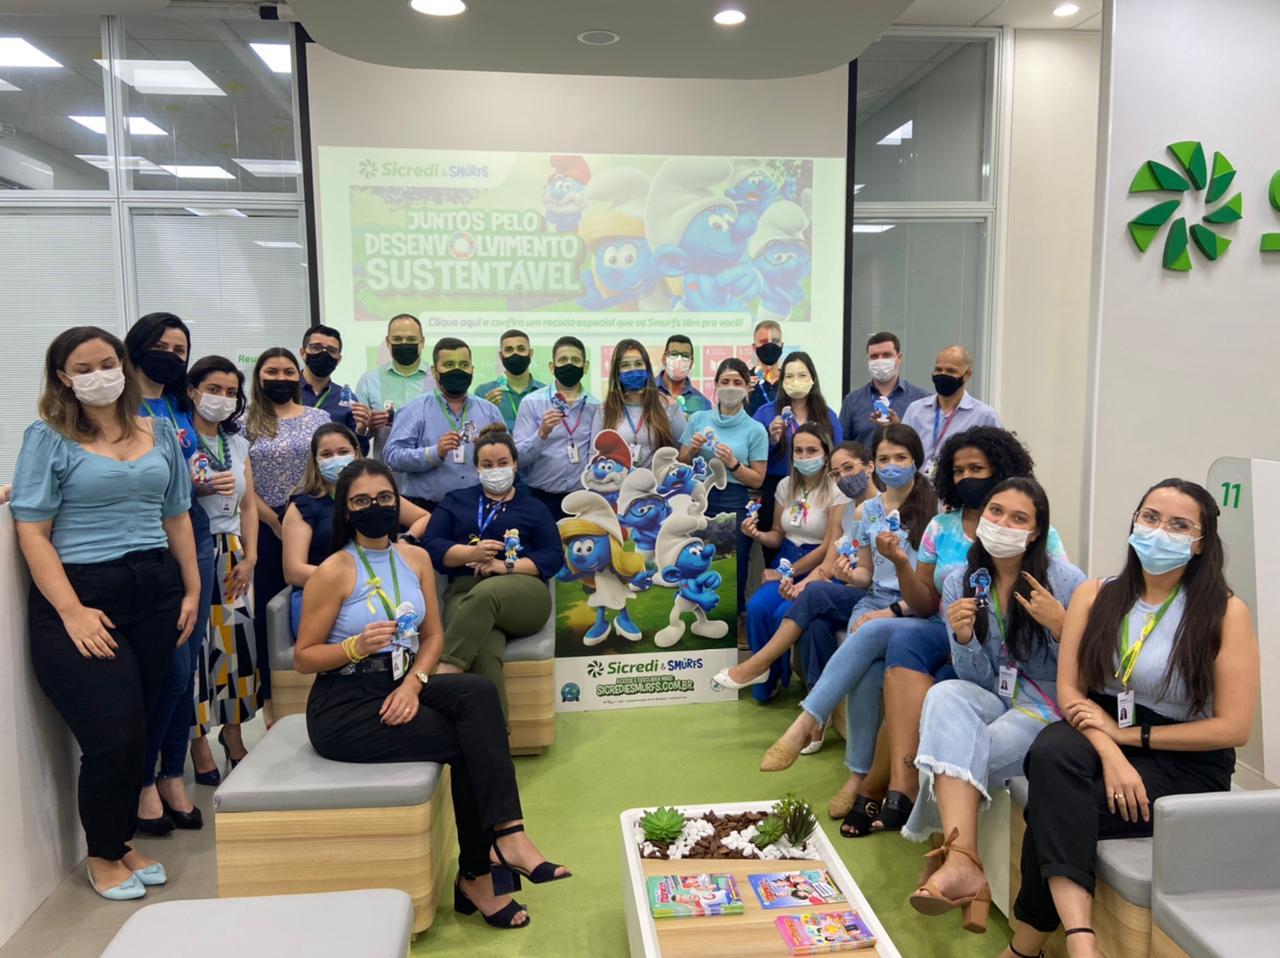 Sicredi e Smurfs se unem para promoção dos Objetivos de Desenvolvimento Sustentável